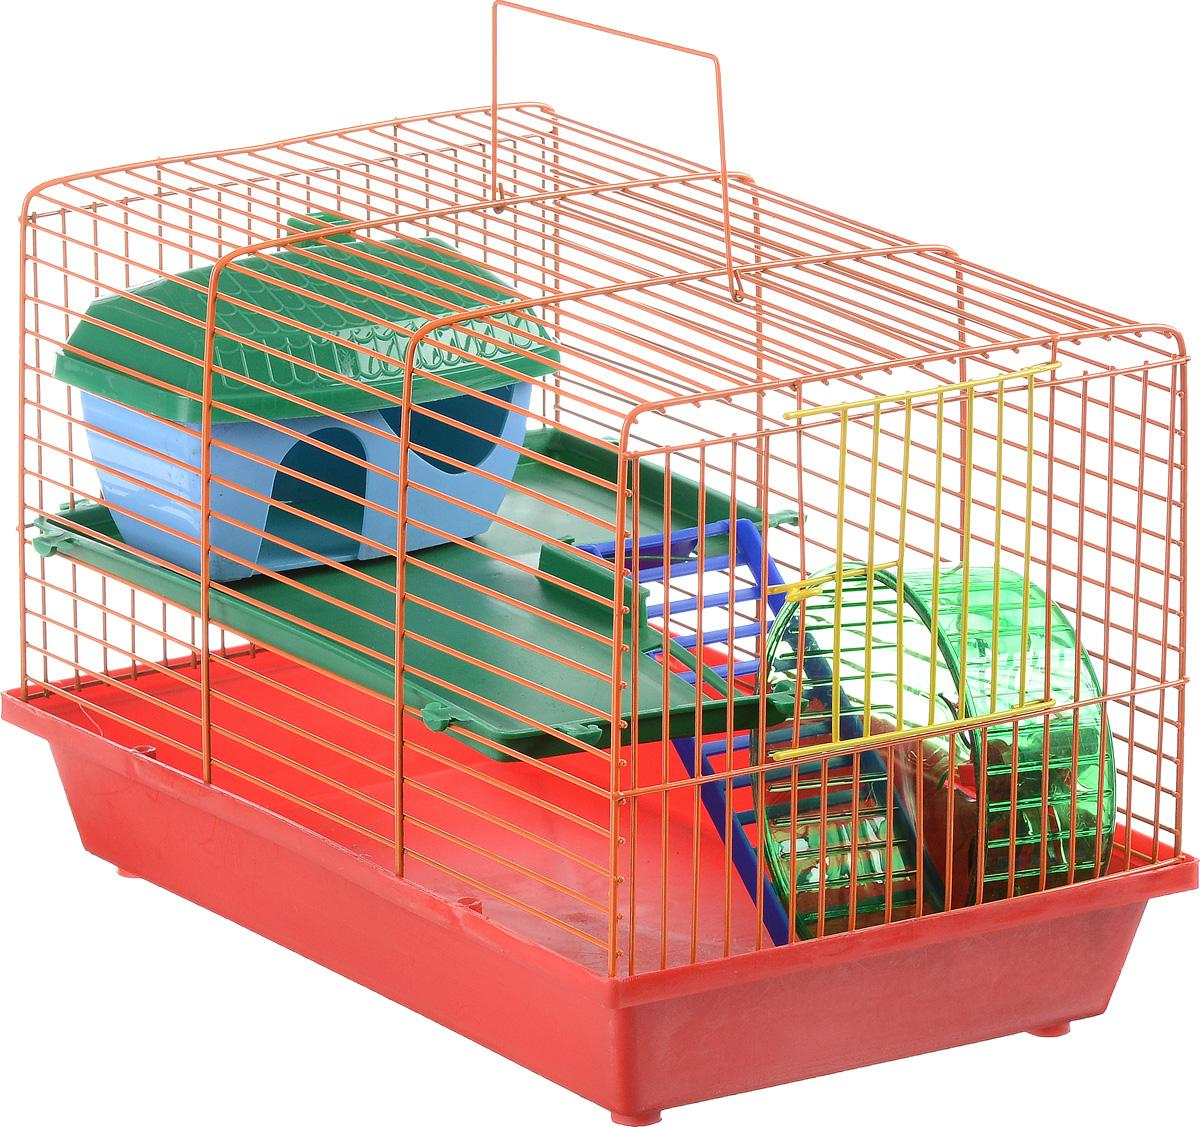 Клетка для грызунов  ЗооМарк , 2-этажная, цвет: красный поддон, оранжевая решетка, зеленые этажи, 36 х 22 х 24 см